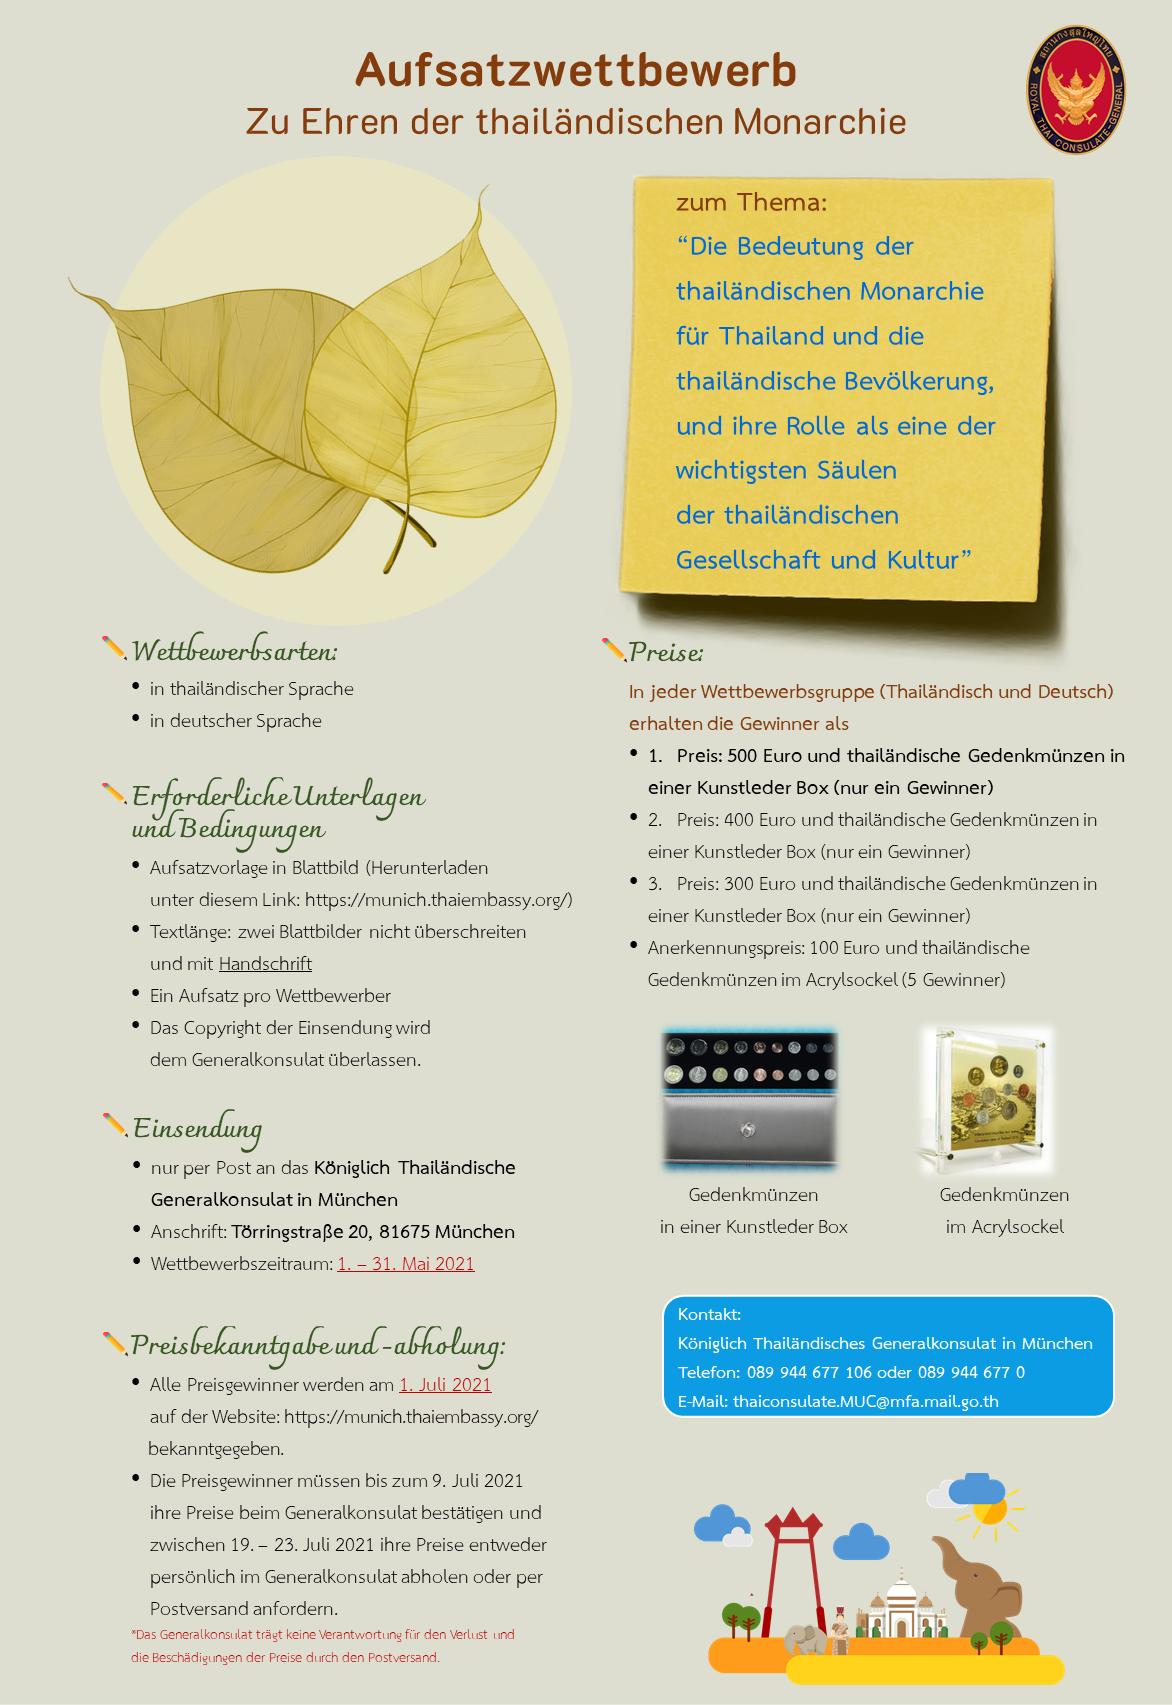 Poster_Zu_Ehren_des_thailändischen_Königreichs